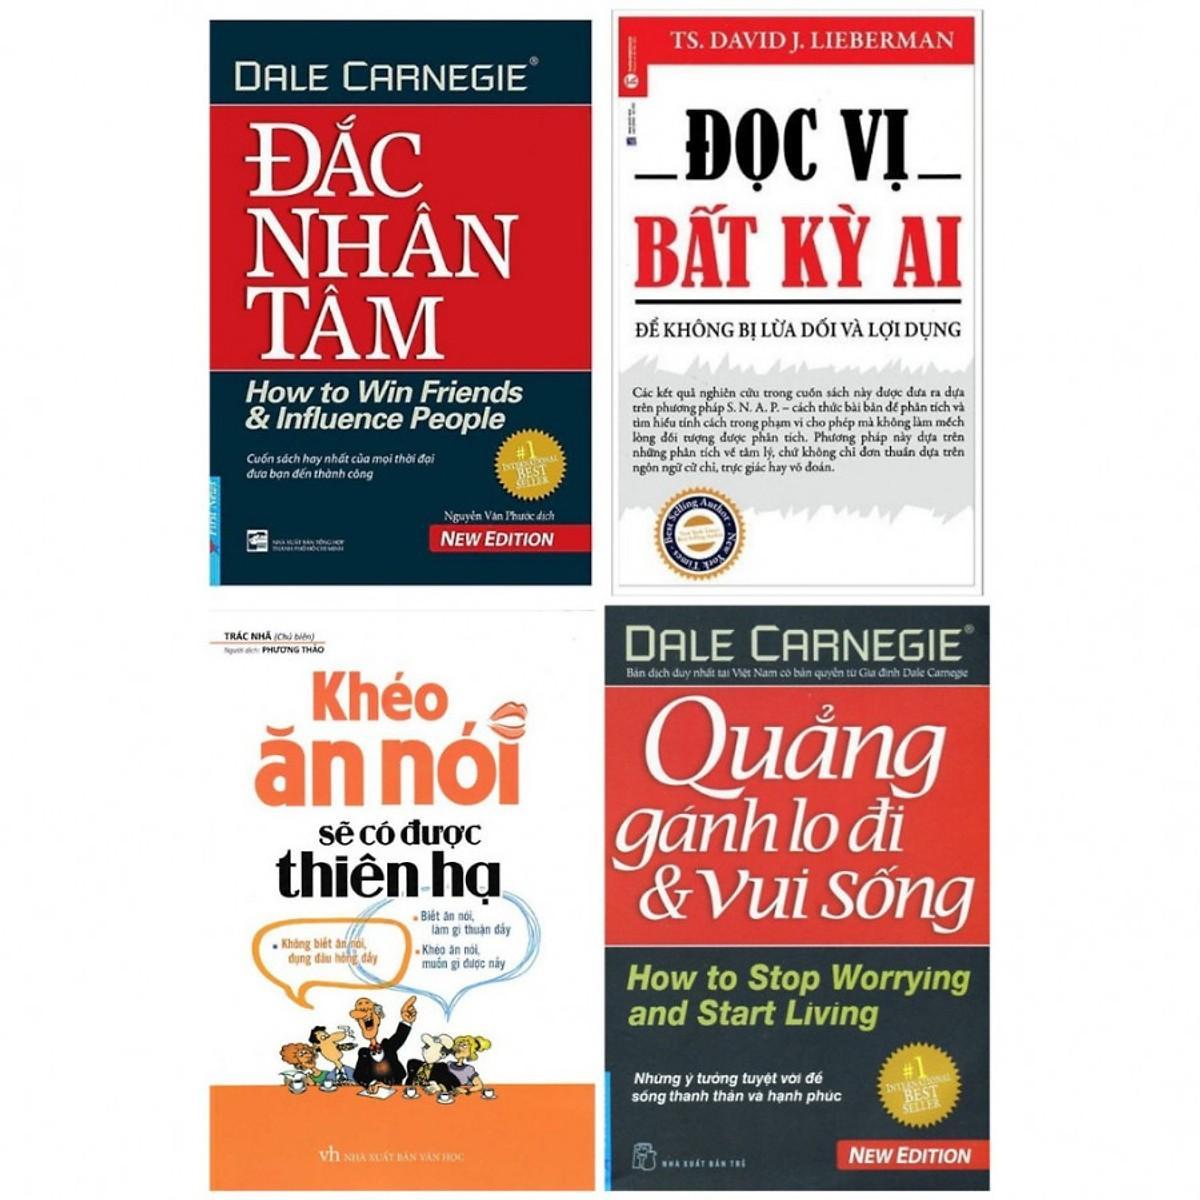 Combo 4 cuốn đắc nhân tâm, đọc vị bất kì ai, quẳng gánh lo đi và vui sống, khéo ăn nói có được thiên hạ